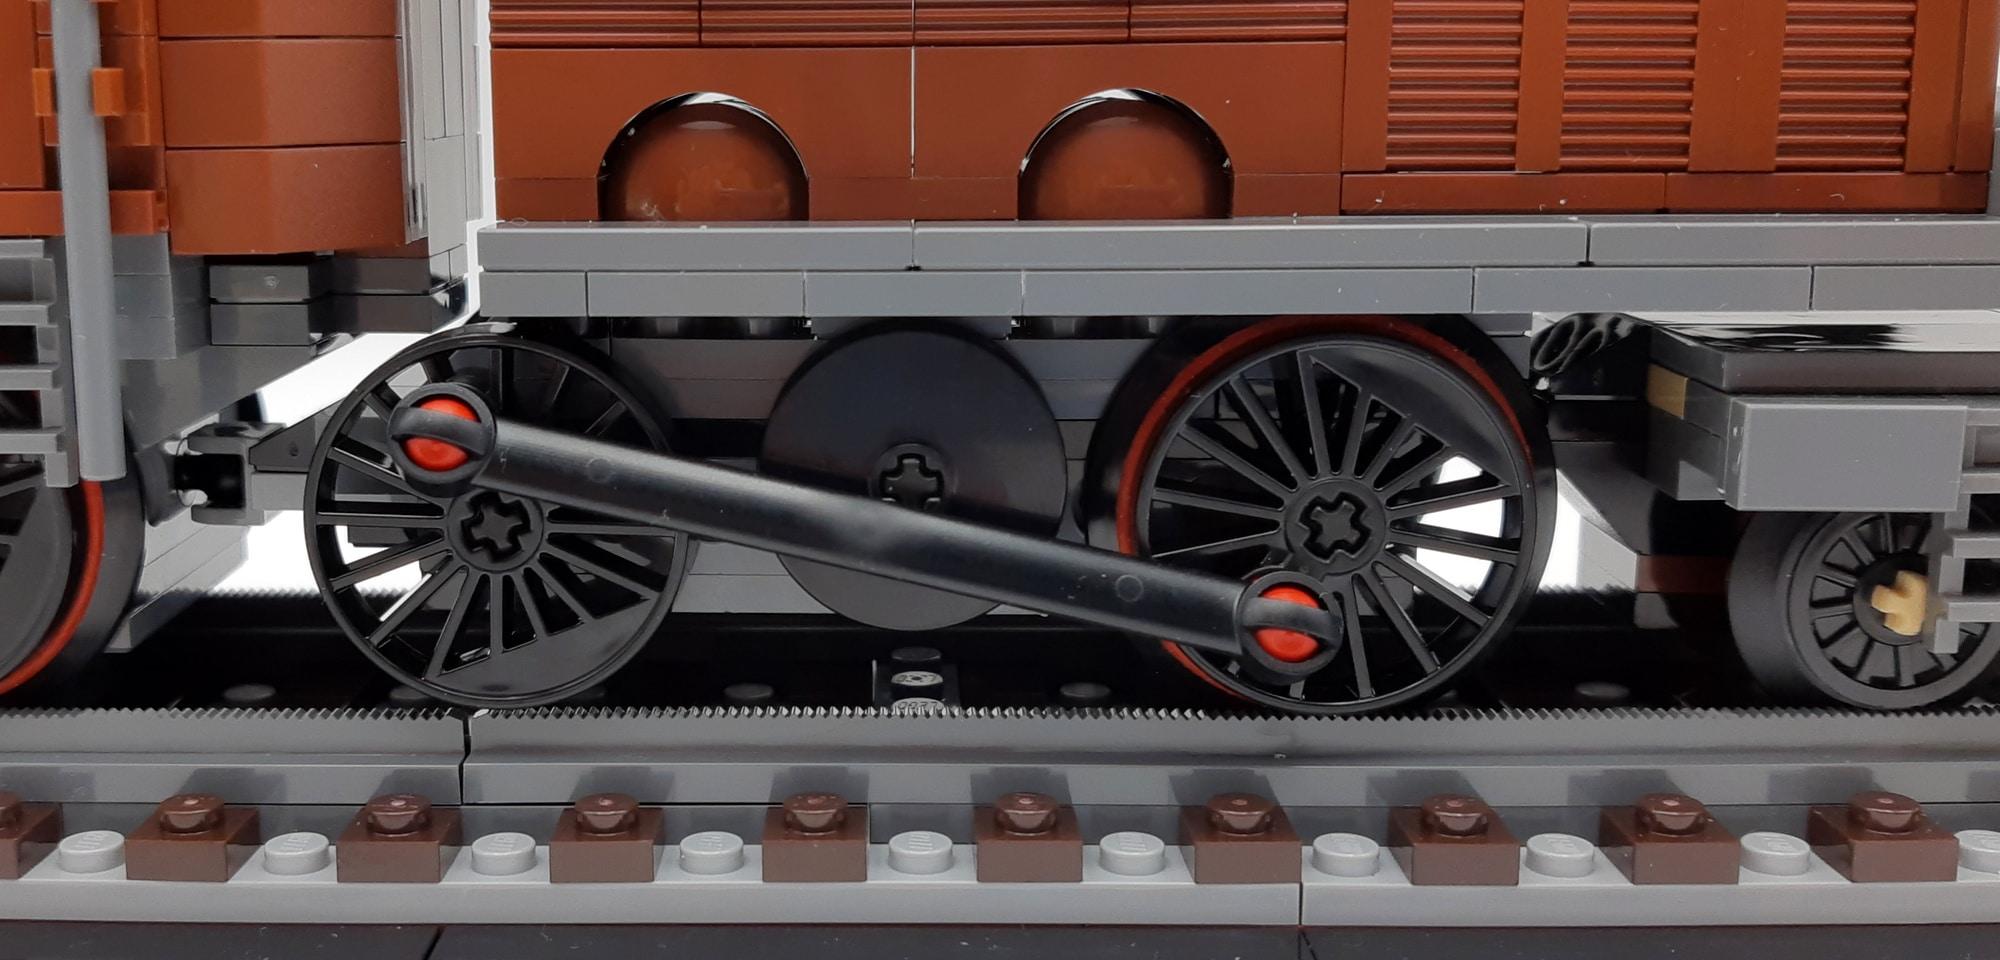 LEGO 10277 Krokodil Lokomotive - Kuppelstangen